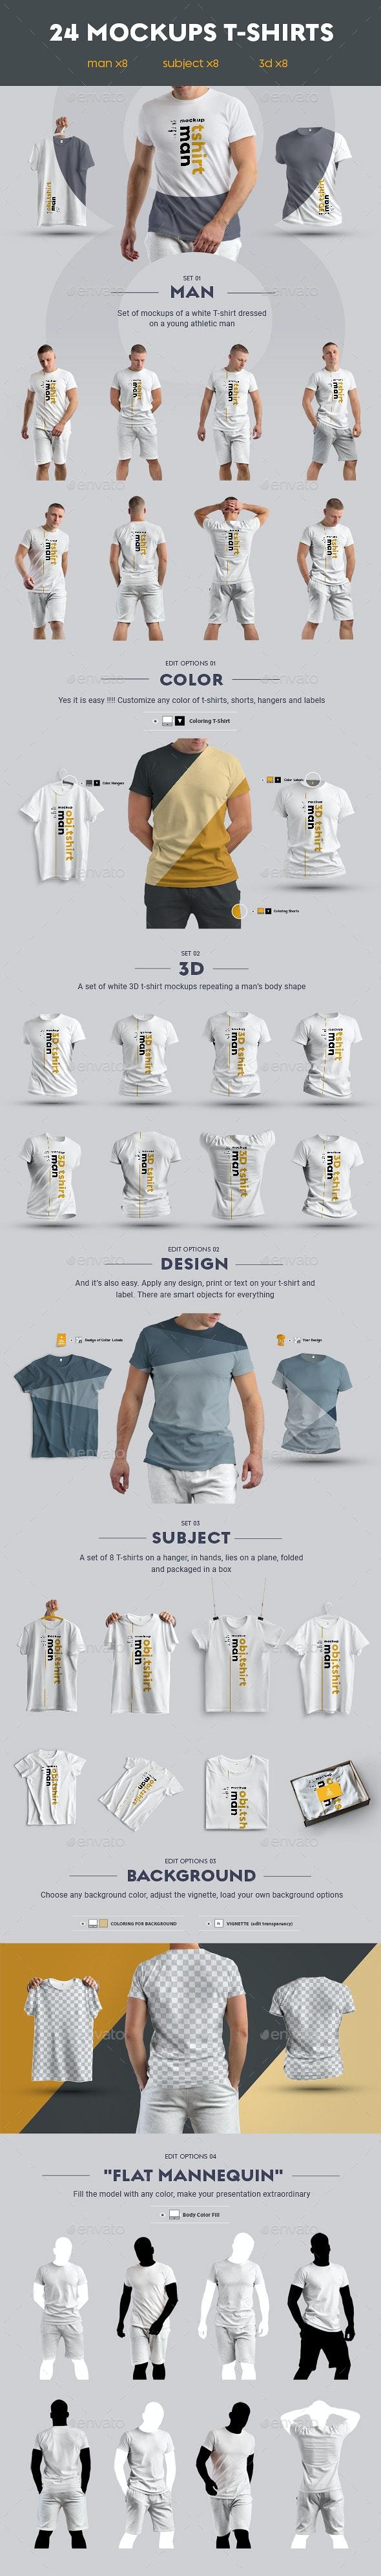 24 Stylish  MockUps Man T-Shirt - Man/3D/obj. - T-shirts Apparel